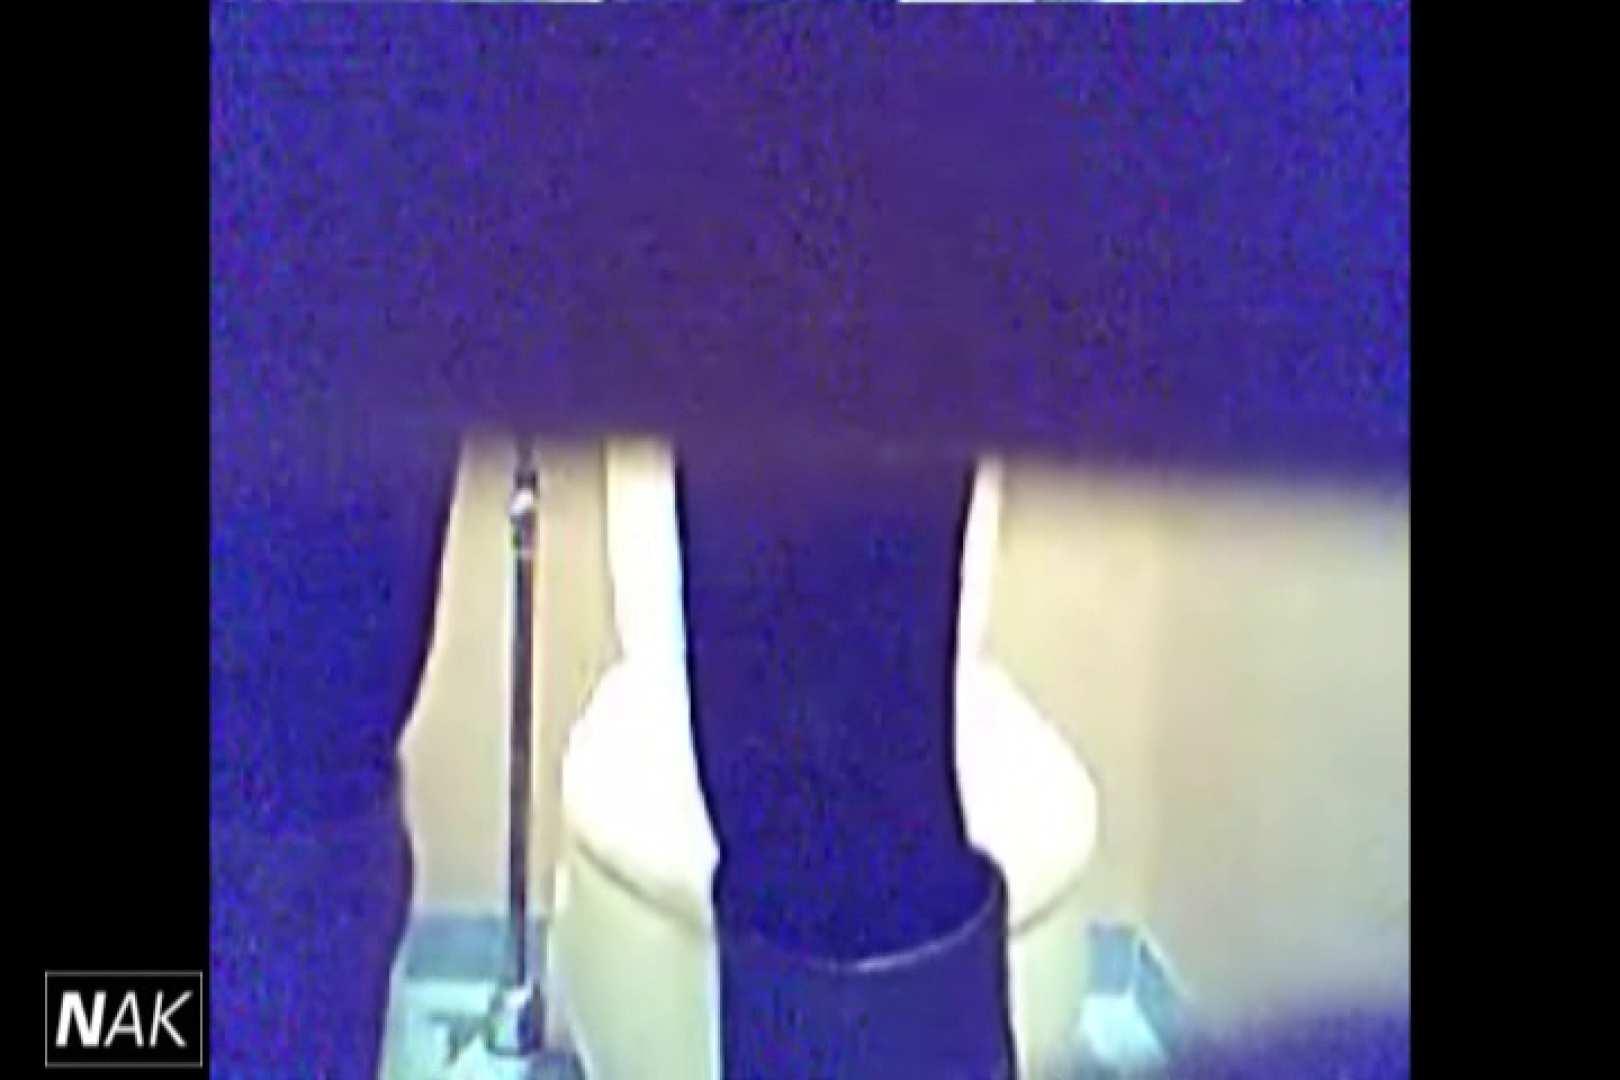 せん八さんの厠観察日記!2点監視カメラ 高画質5000K vol.07 OLセックス のぞきおめこ無修正画像 104画像 72